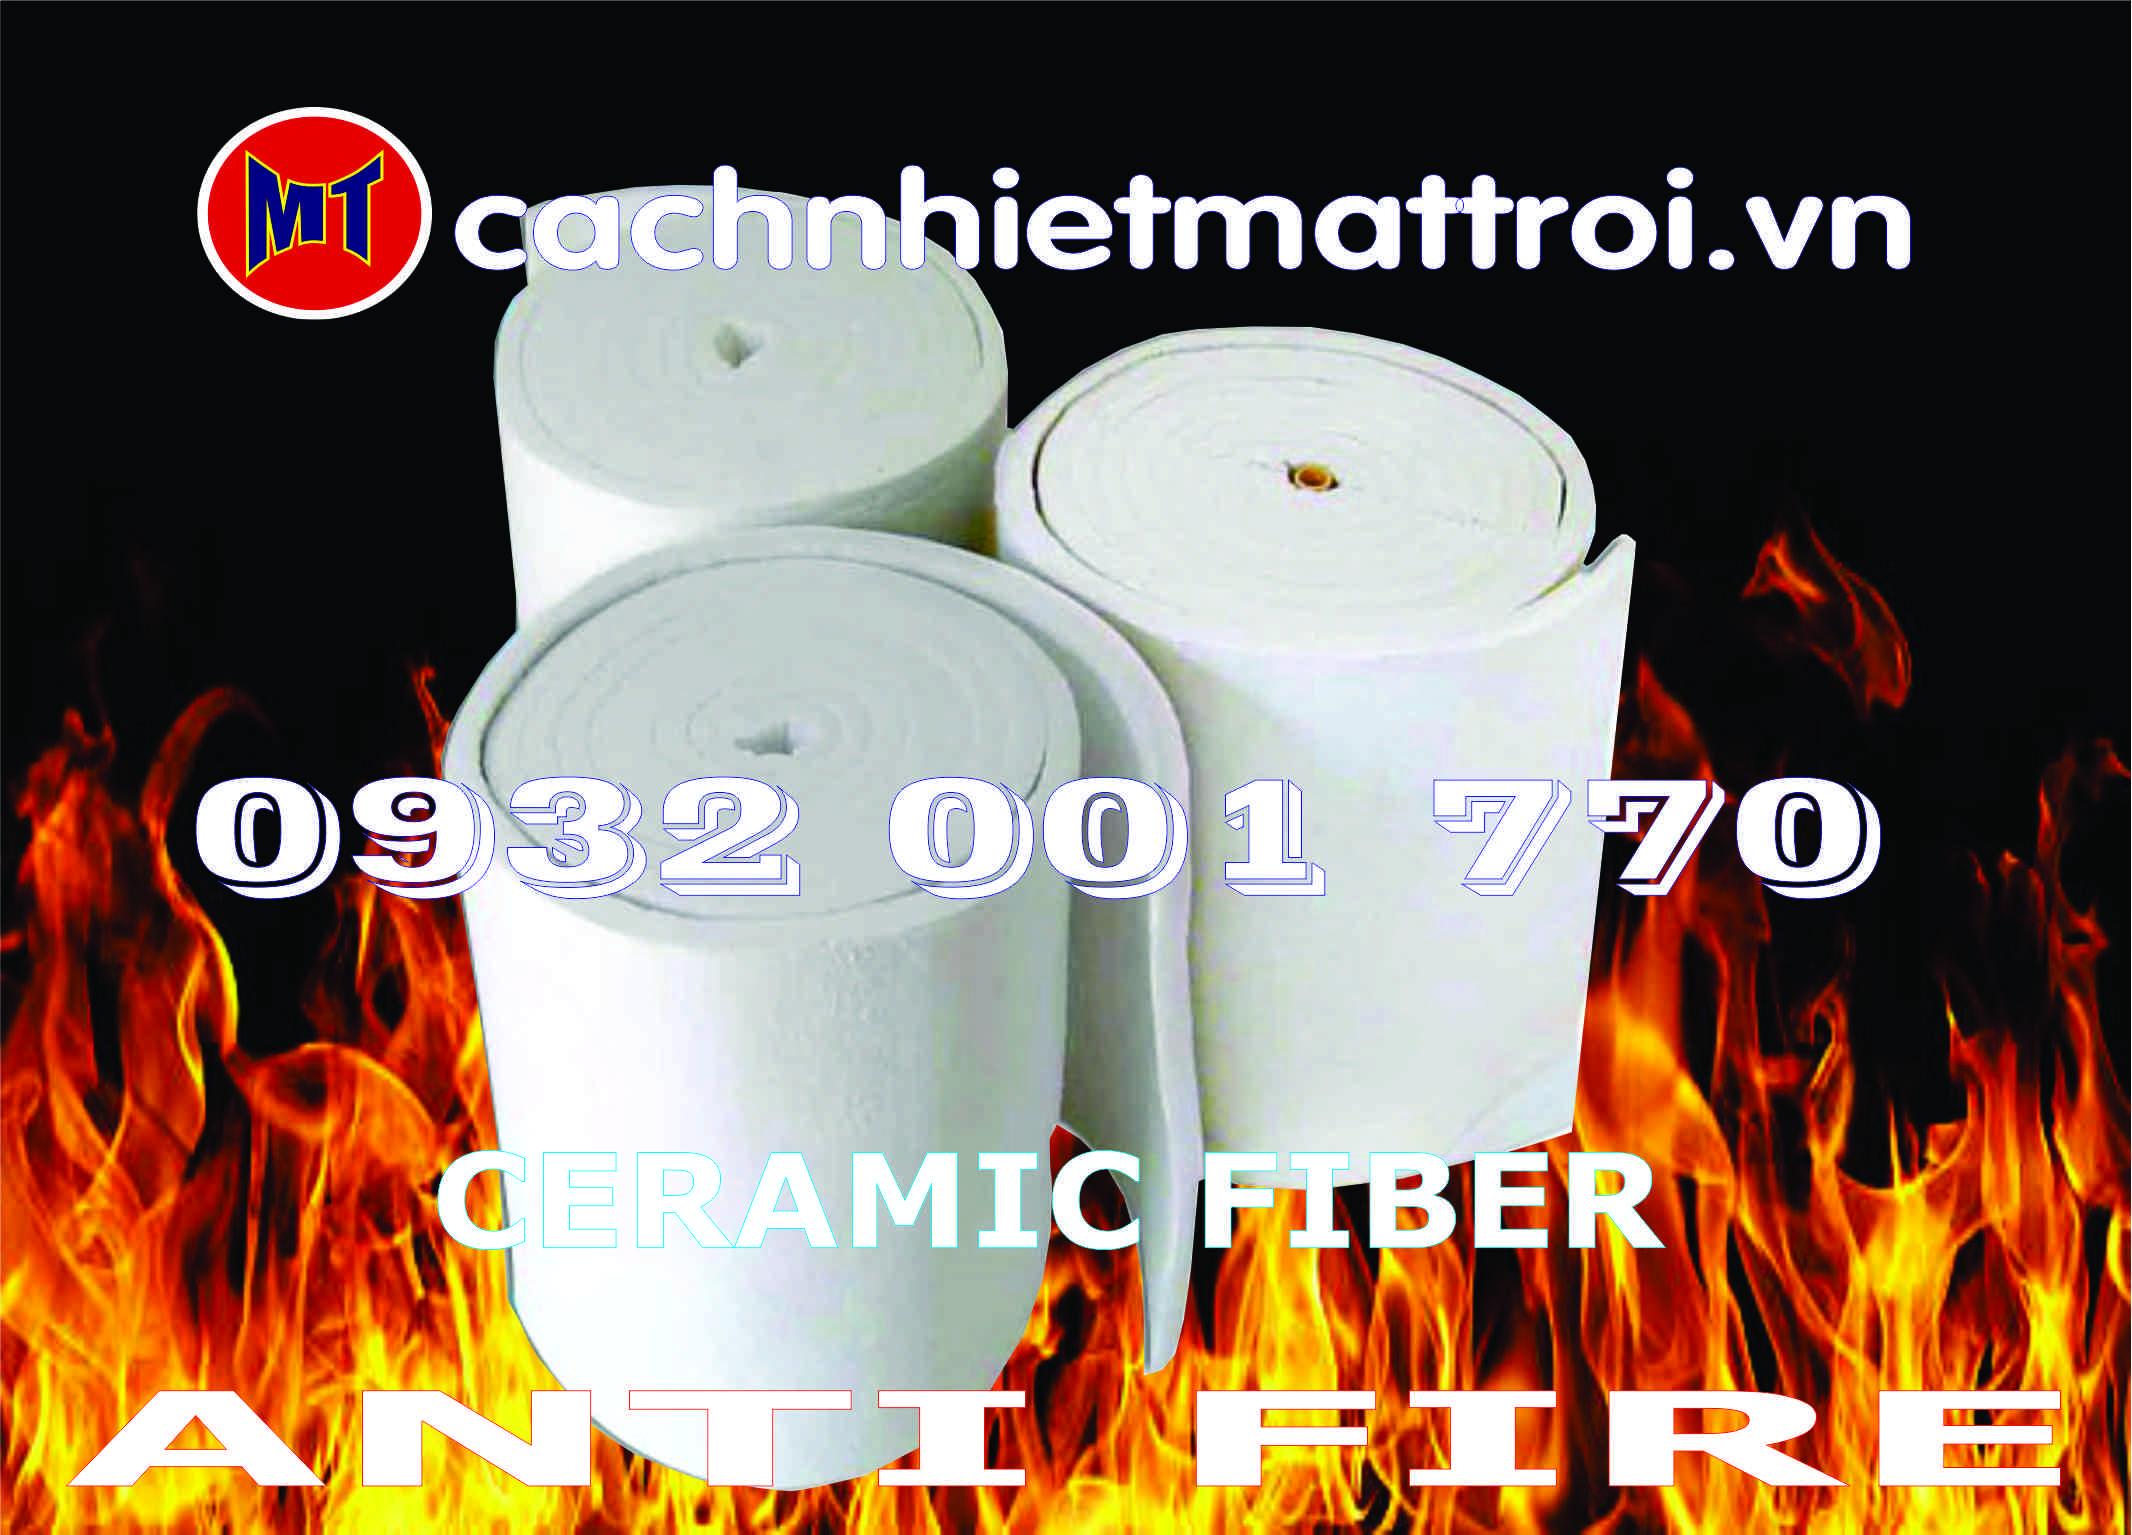 hình ảnh sản phẩm Bông chịu lửa - Bông sợi Gốm - Ceramic Fiber